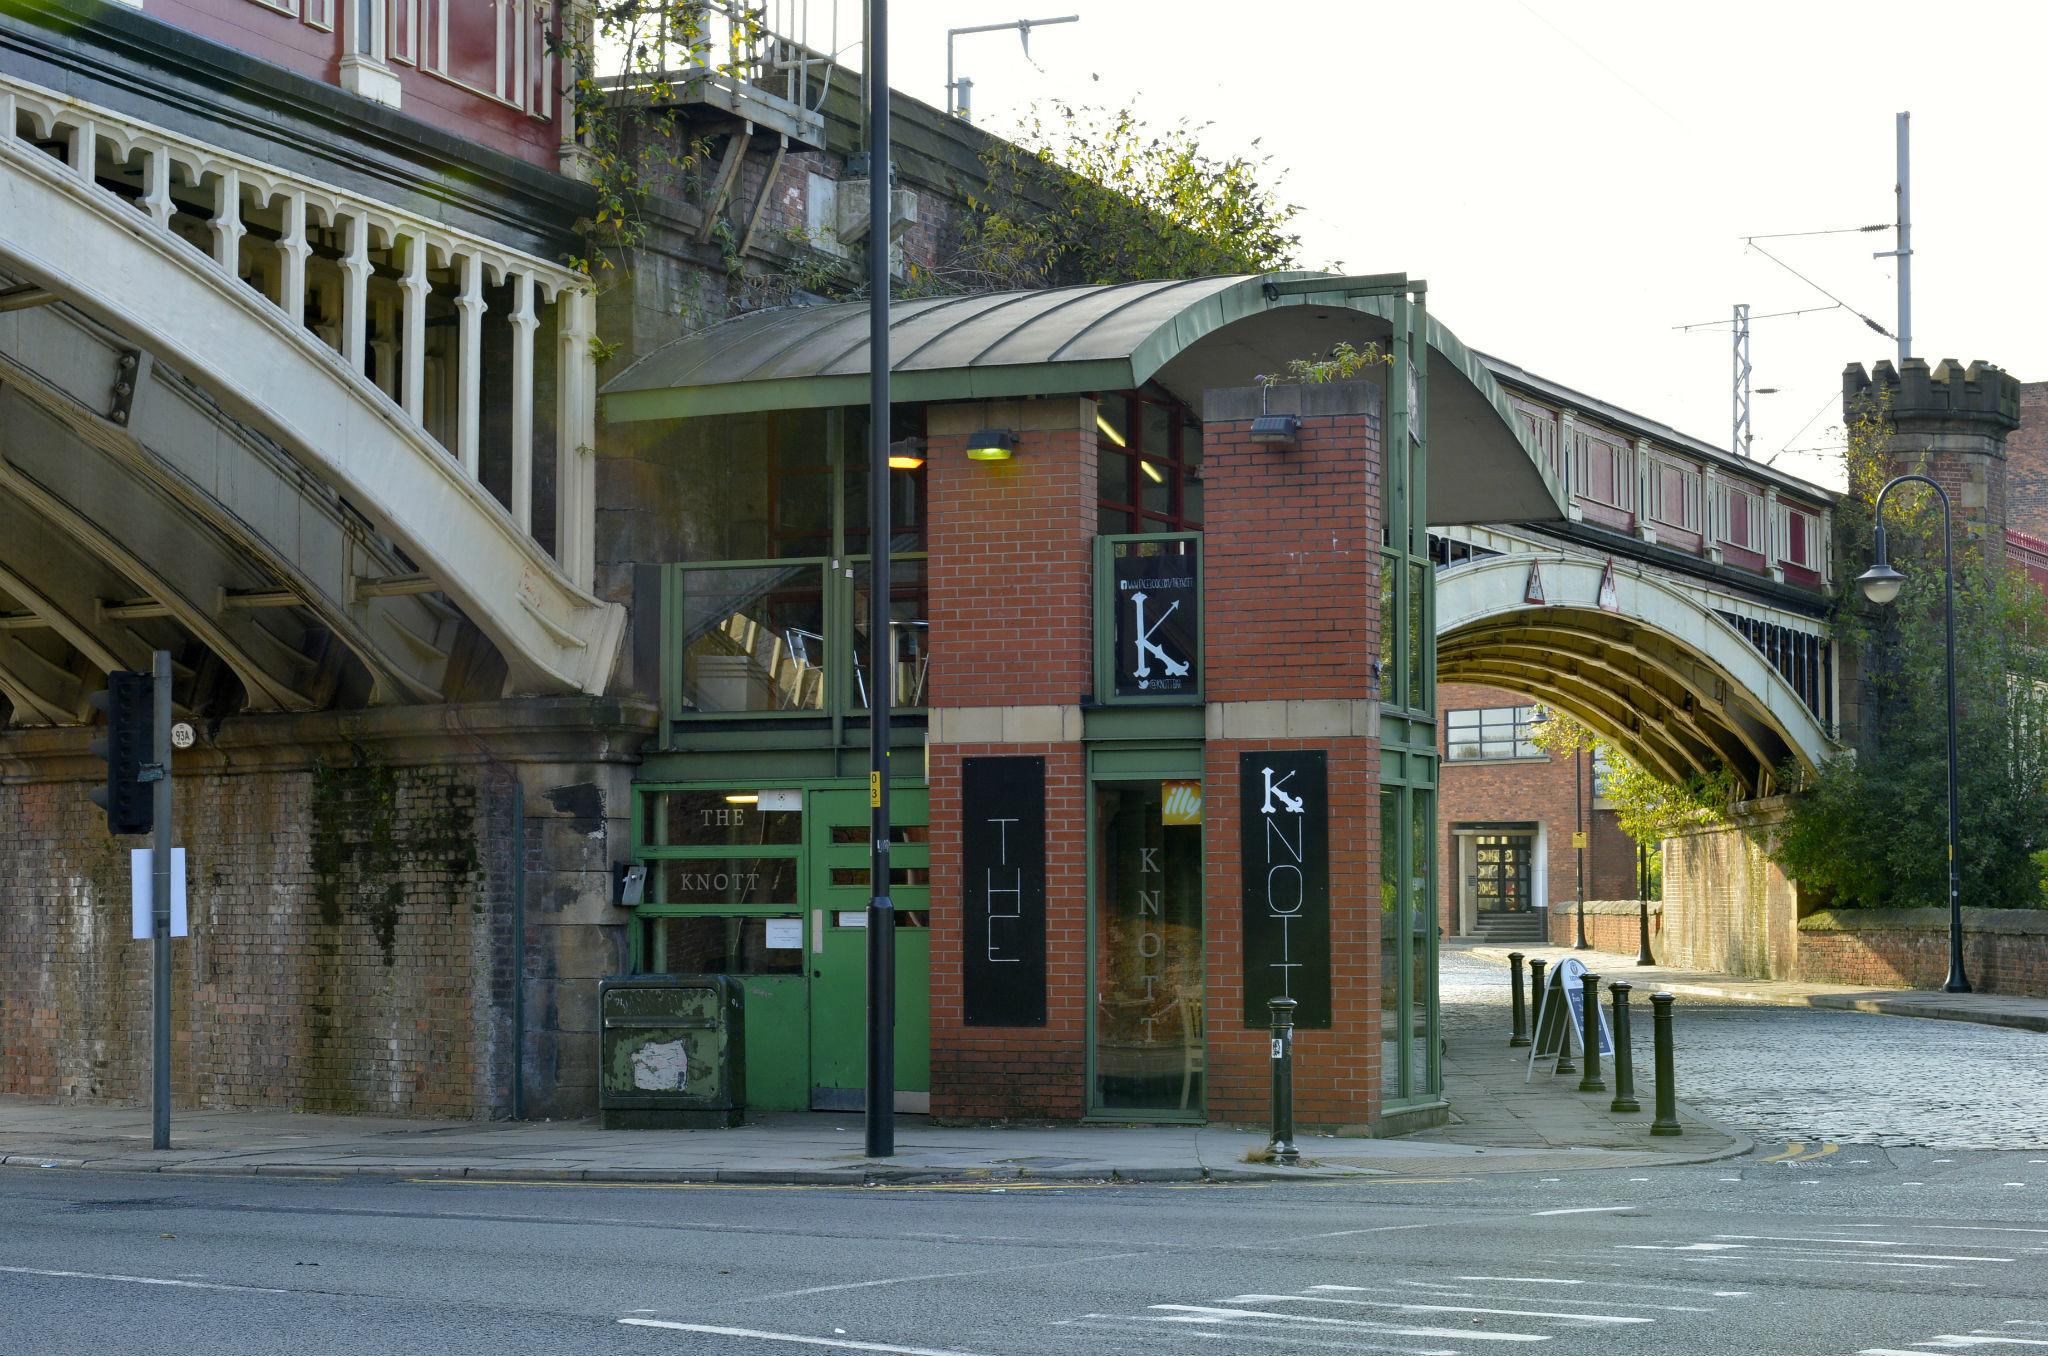 The Knott Bar, Manchester